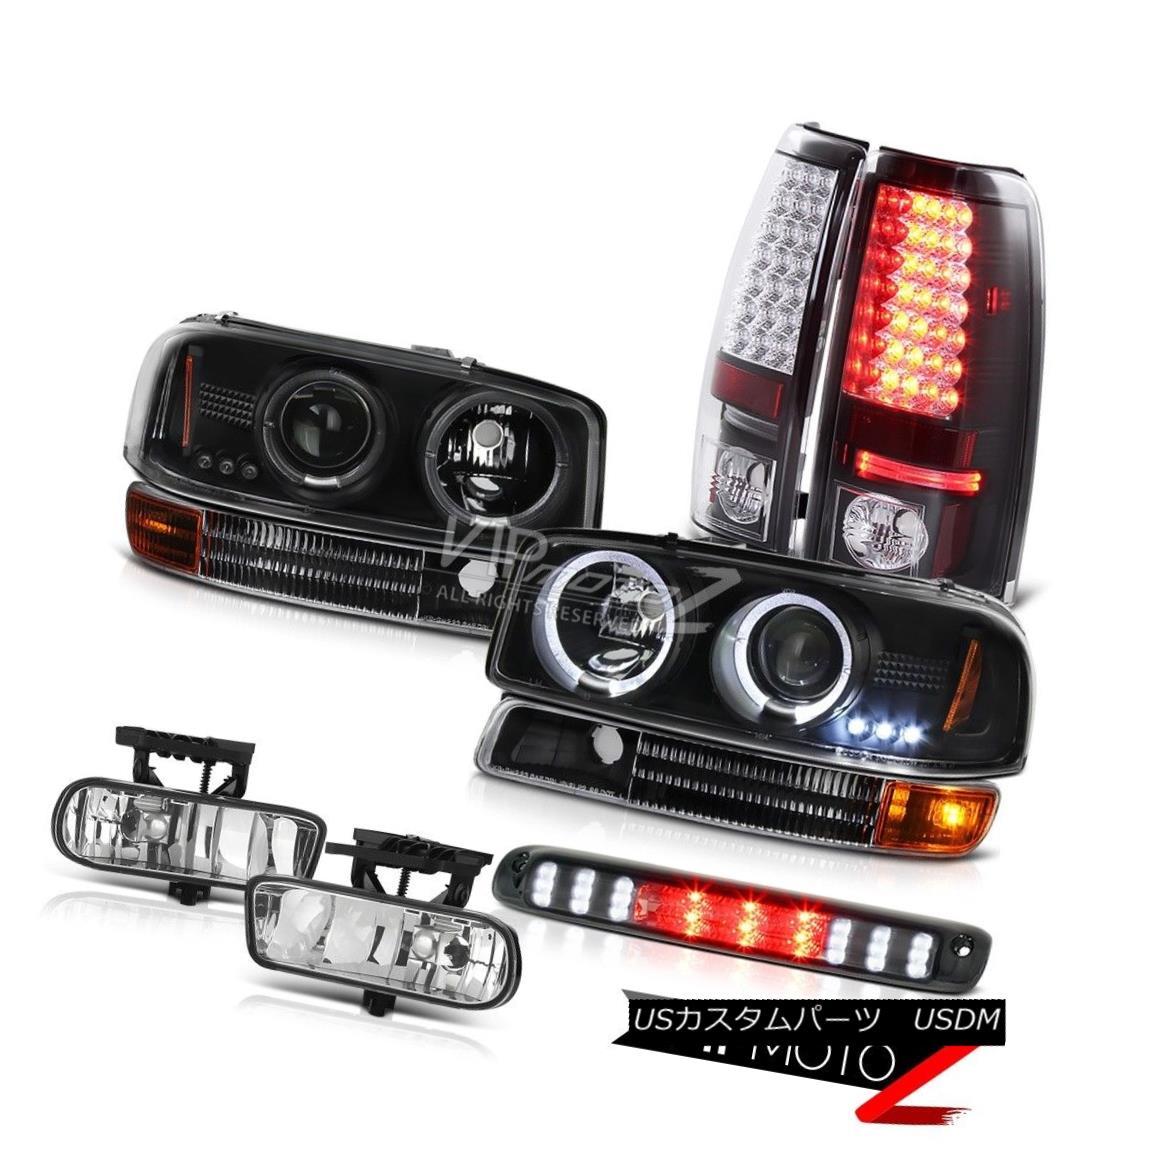 ヘッドライト 1999-2002 Sierra SLT L.E.D DRL Halo Headlights Black Bumper LED Taillamps Fog 1999-2002シエラSLT L.E.D DRLハローヘッドライトブラックバンパーLEDタイルランプフォグ